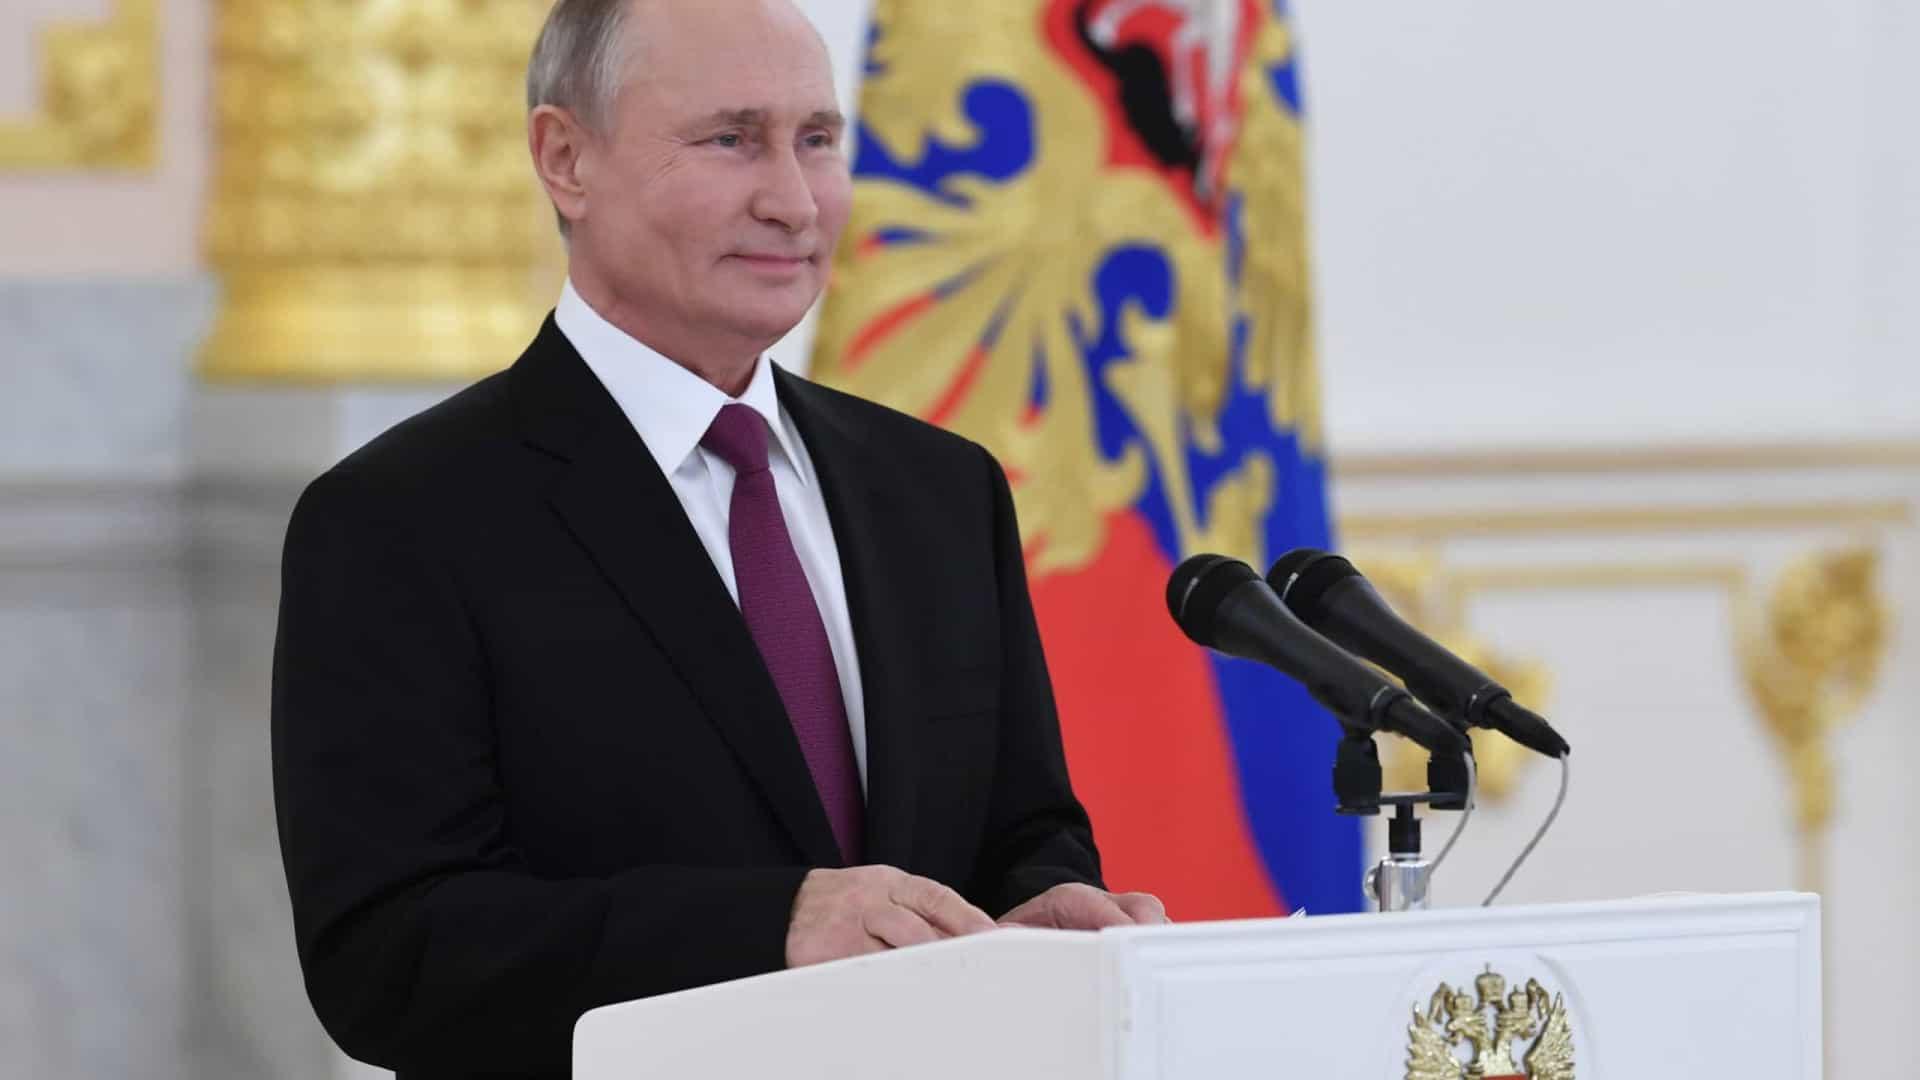 Rússia sanciona 8 altos funcionários europeus, incluindo o Presidente do Parlamento Europeu